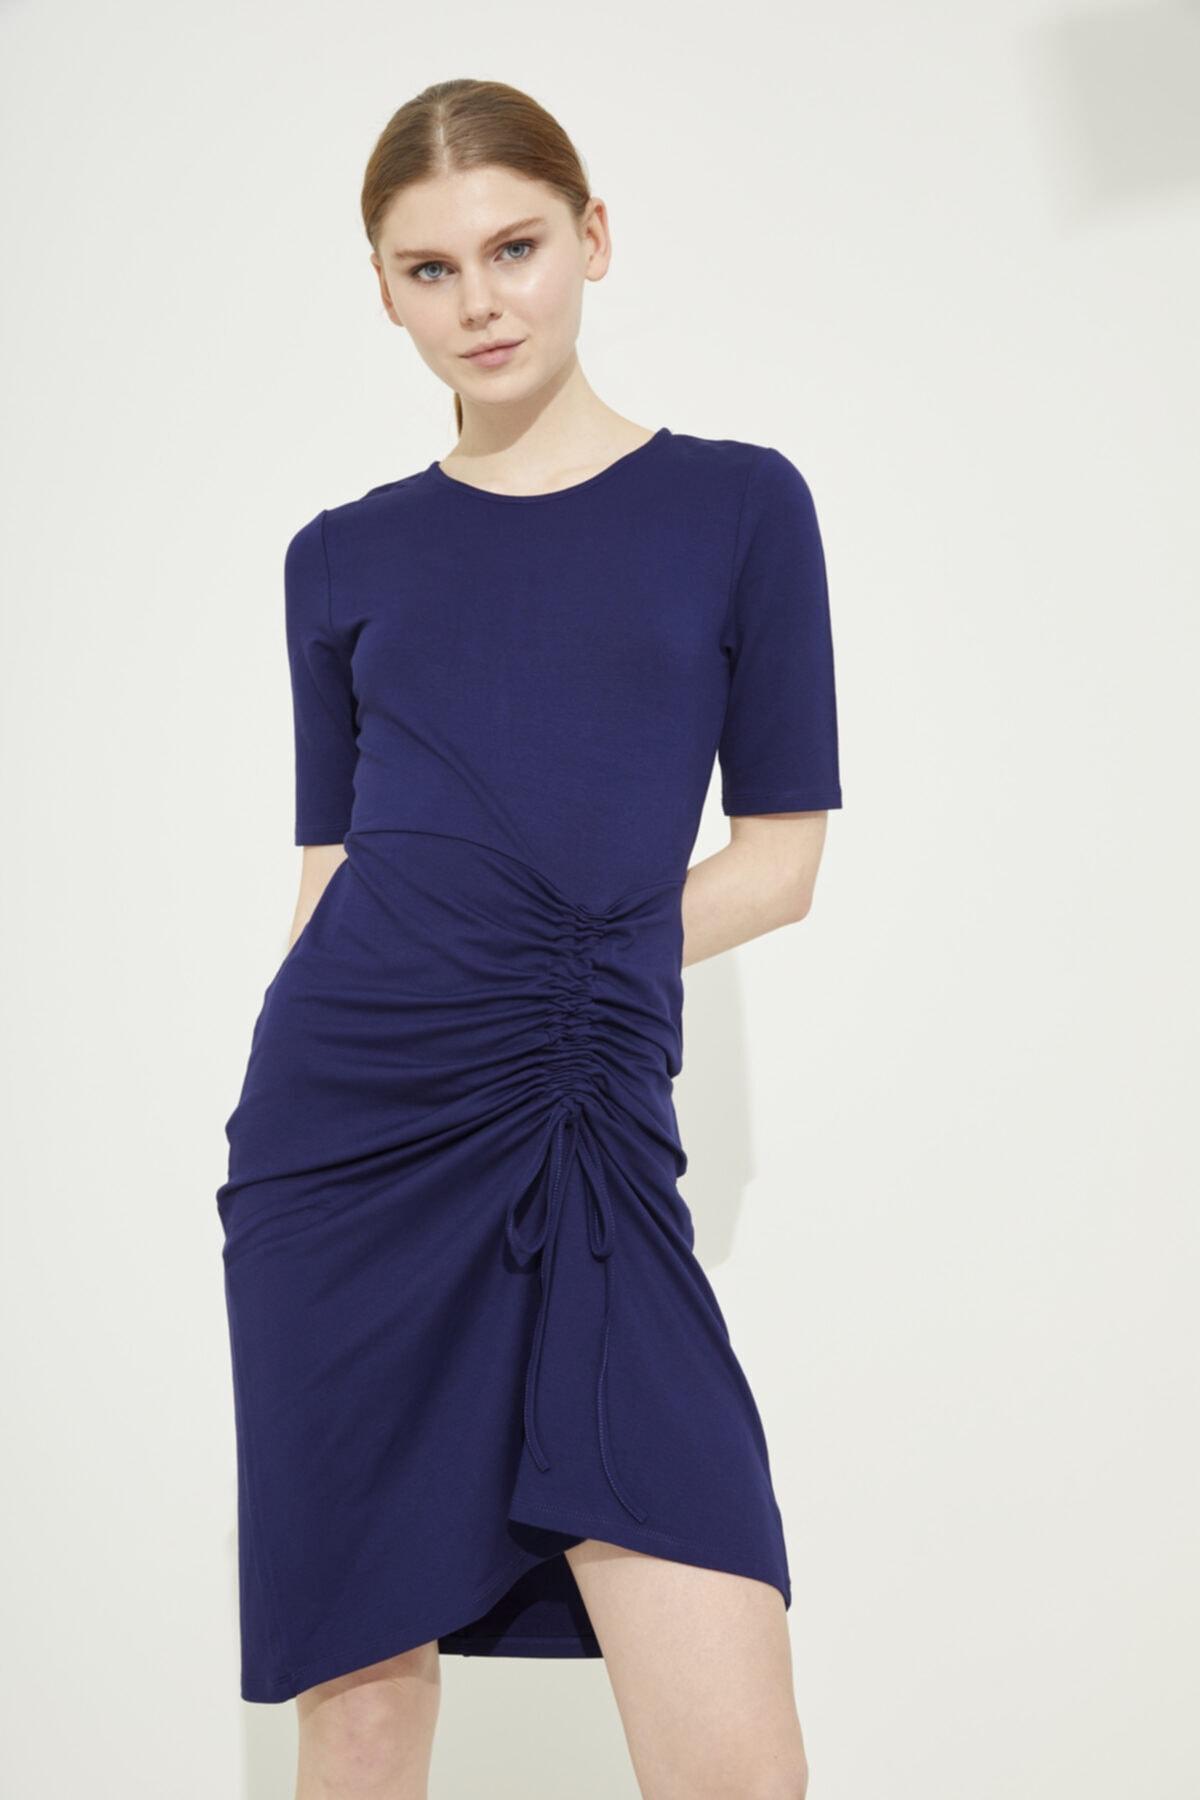 Adl Lacivert Kısa Kol Büzgülü Örme Mini Elbise